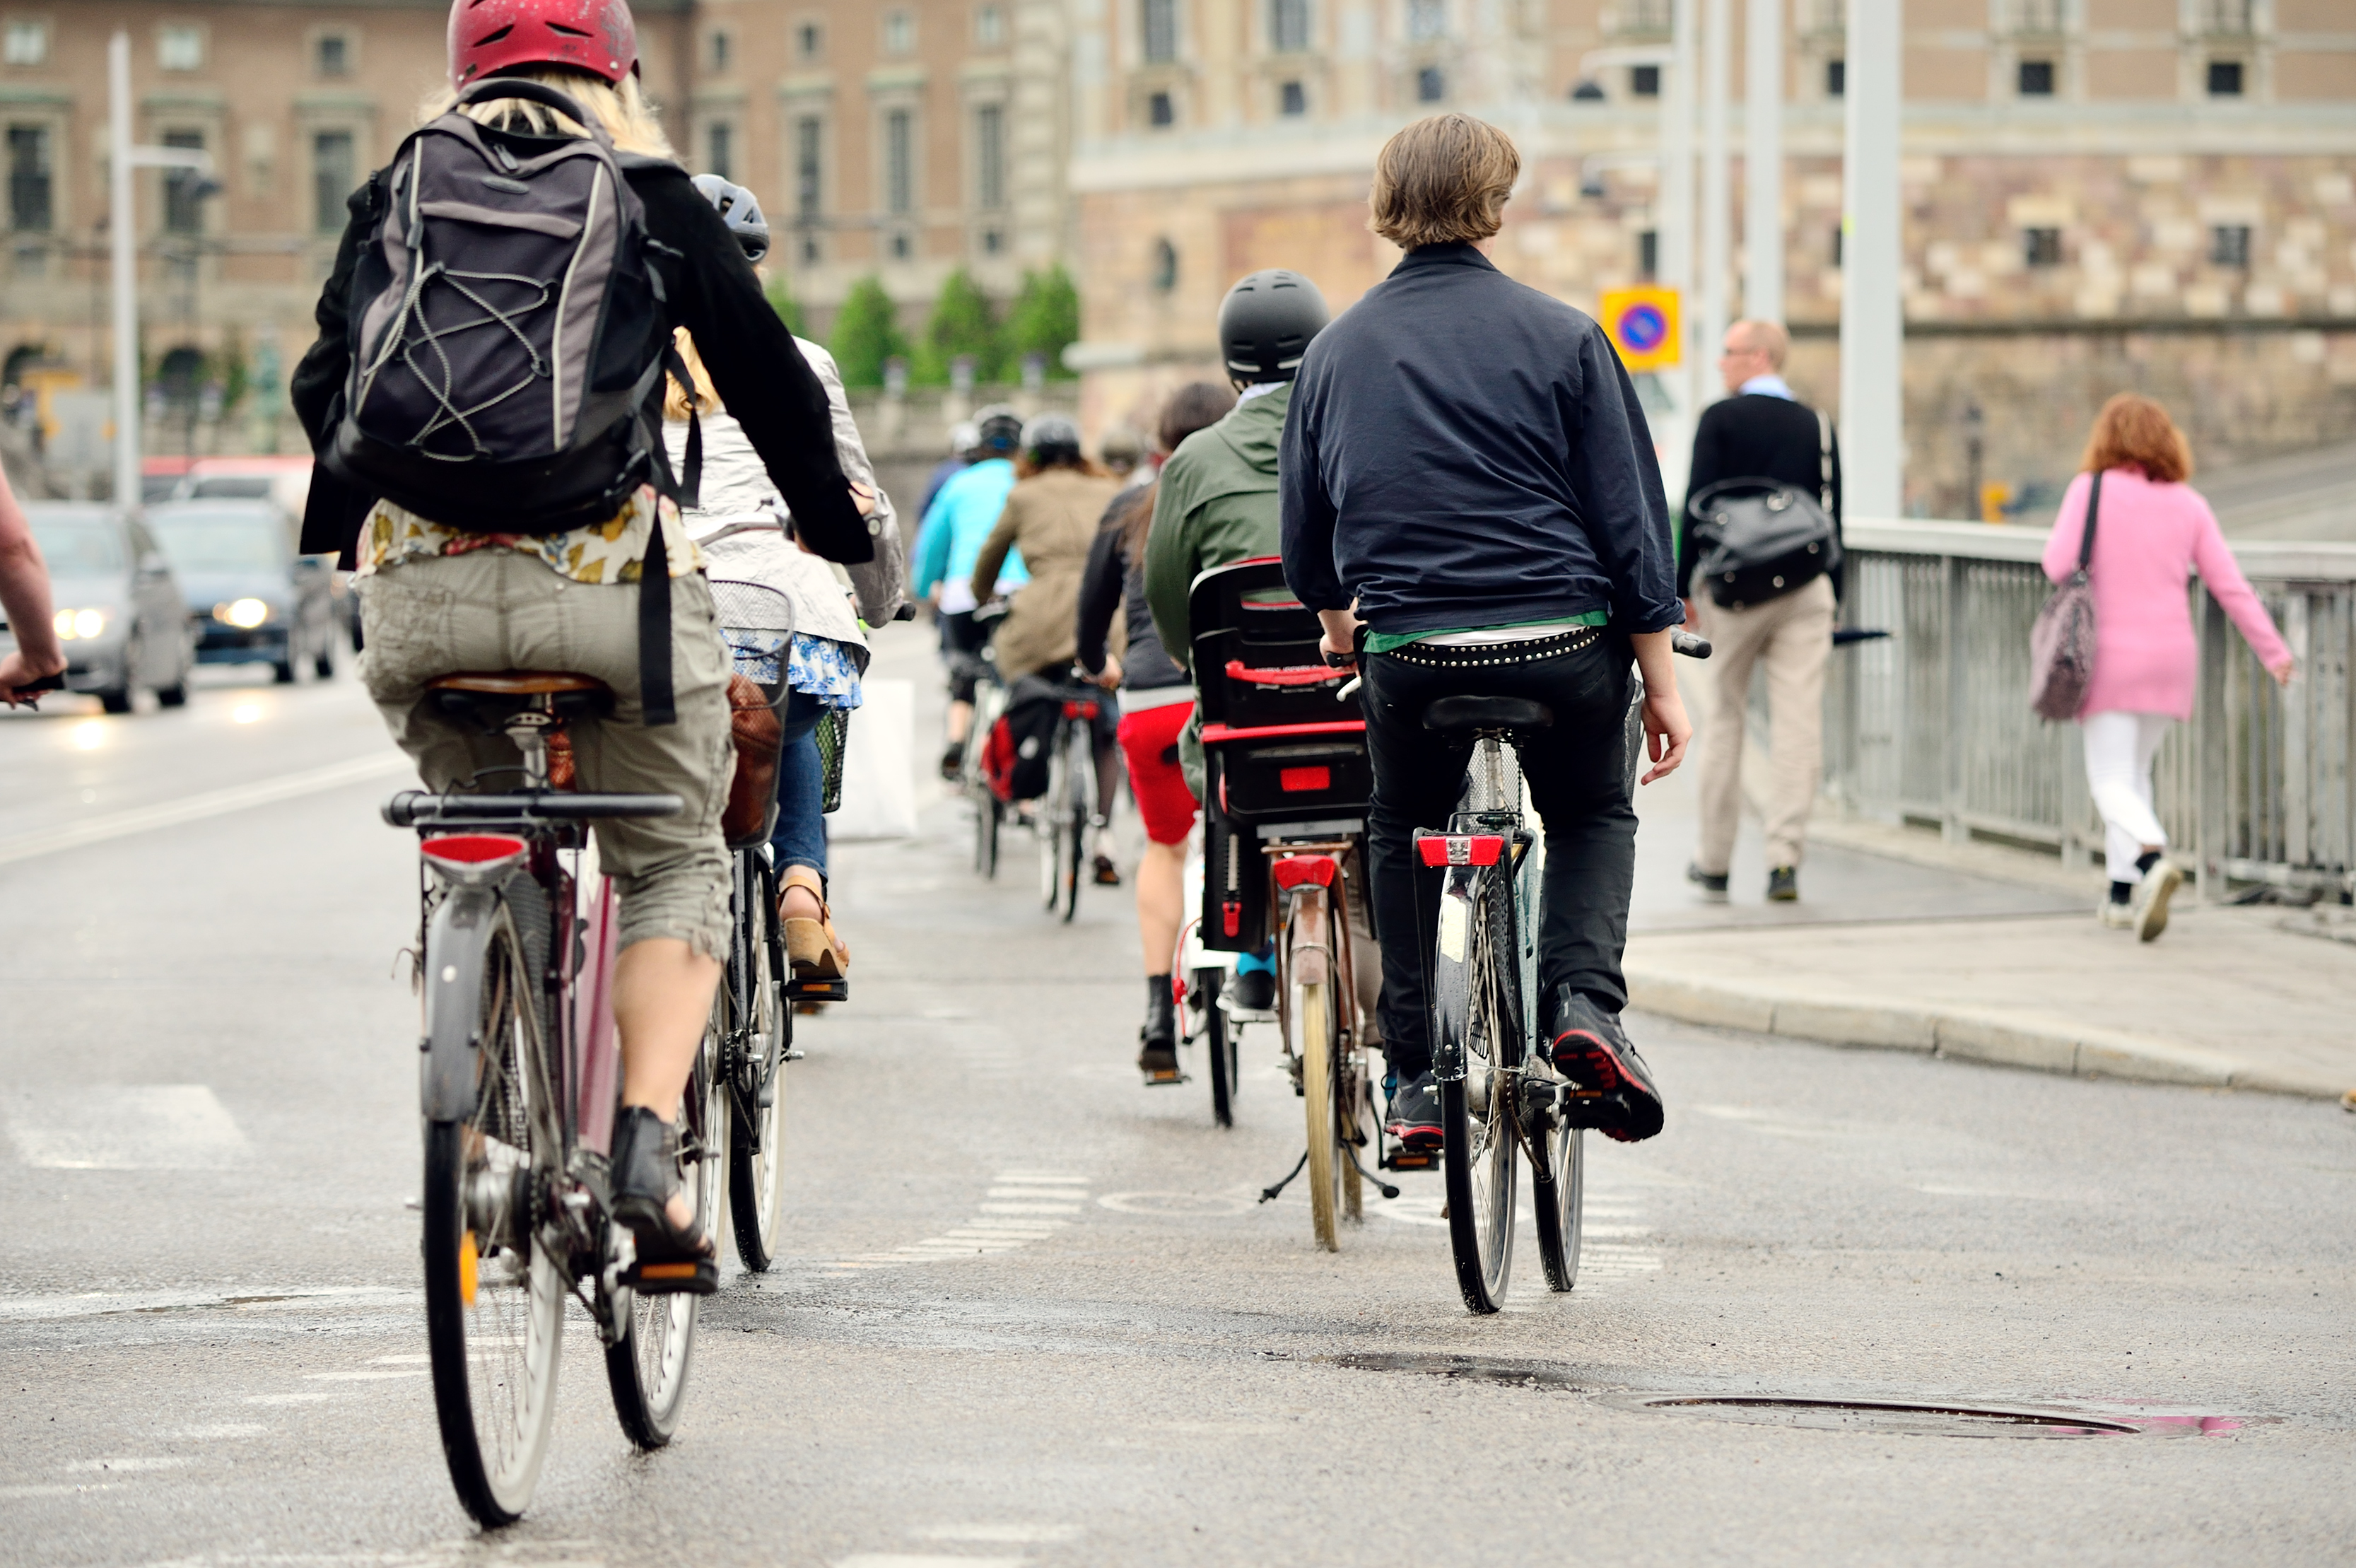 Precis alla kan delta i Suicide Zeros cykelevenemang och du trampar på precis så långt eller kort som du själv känner för.